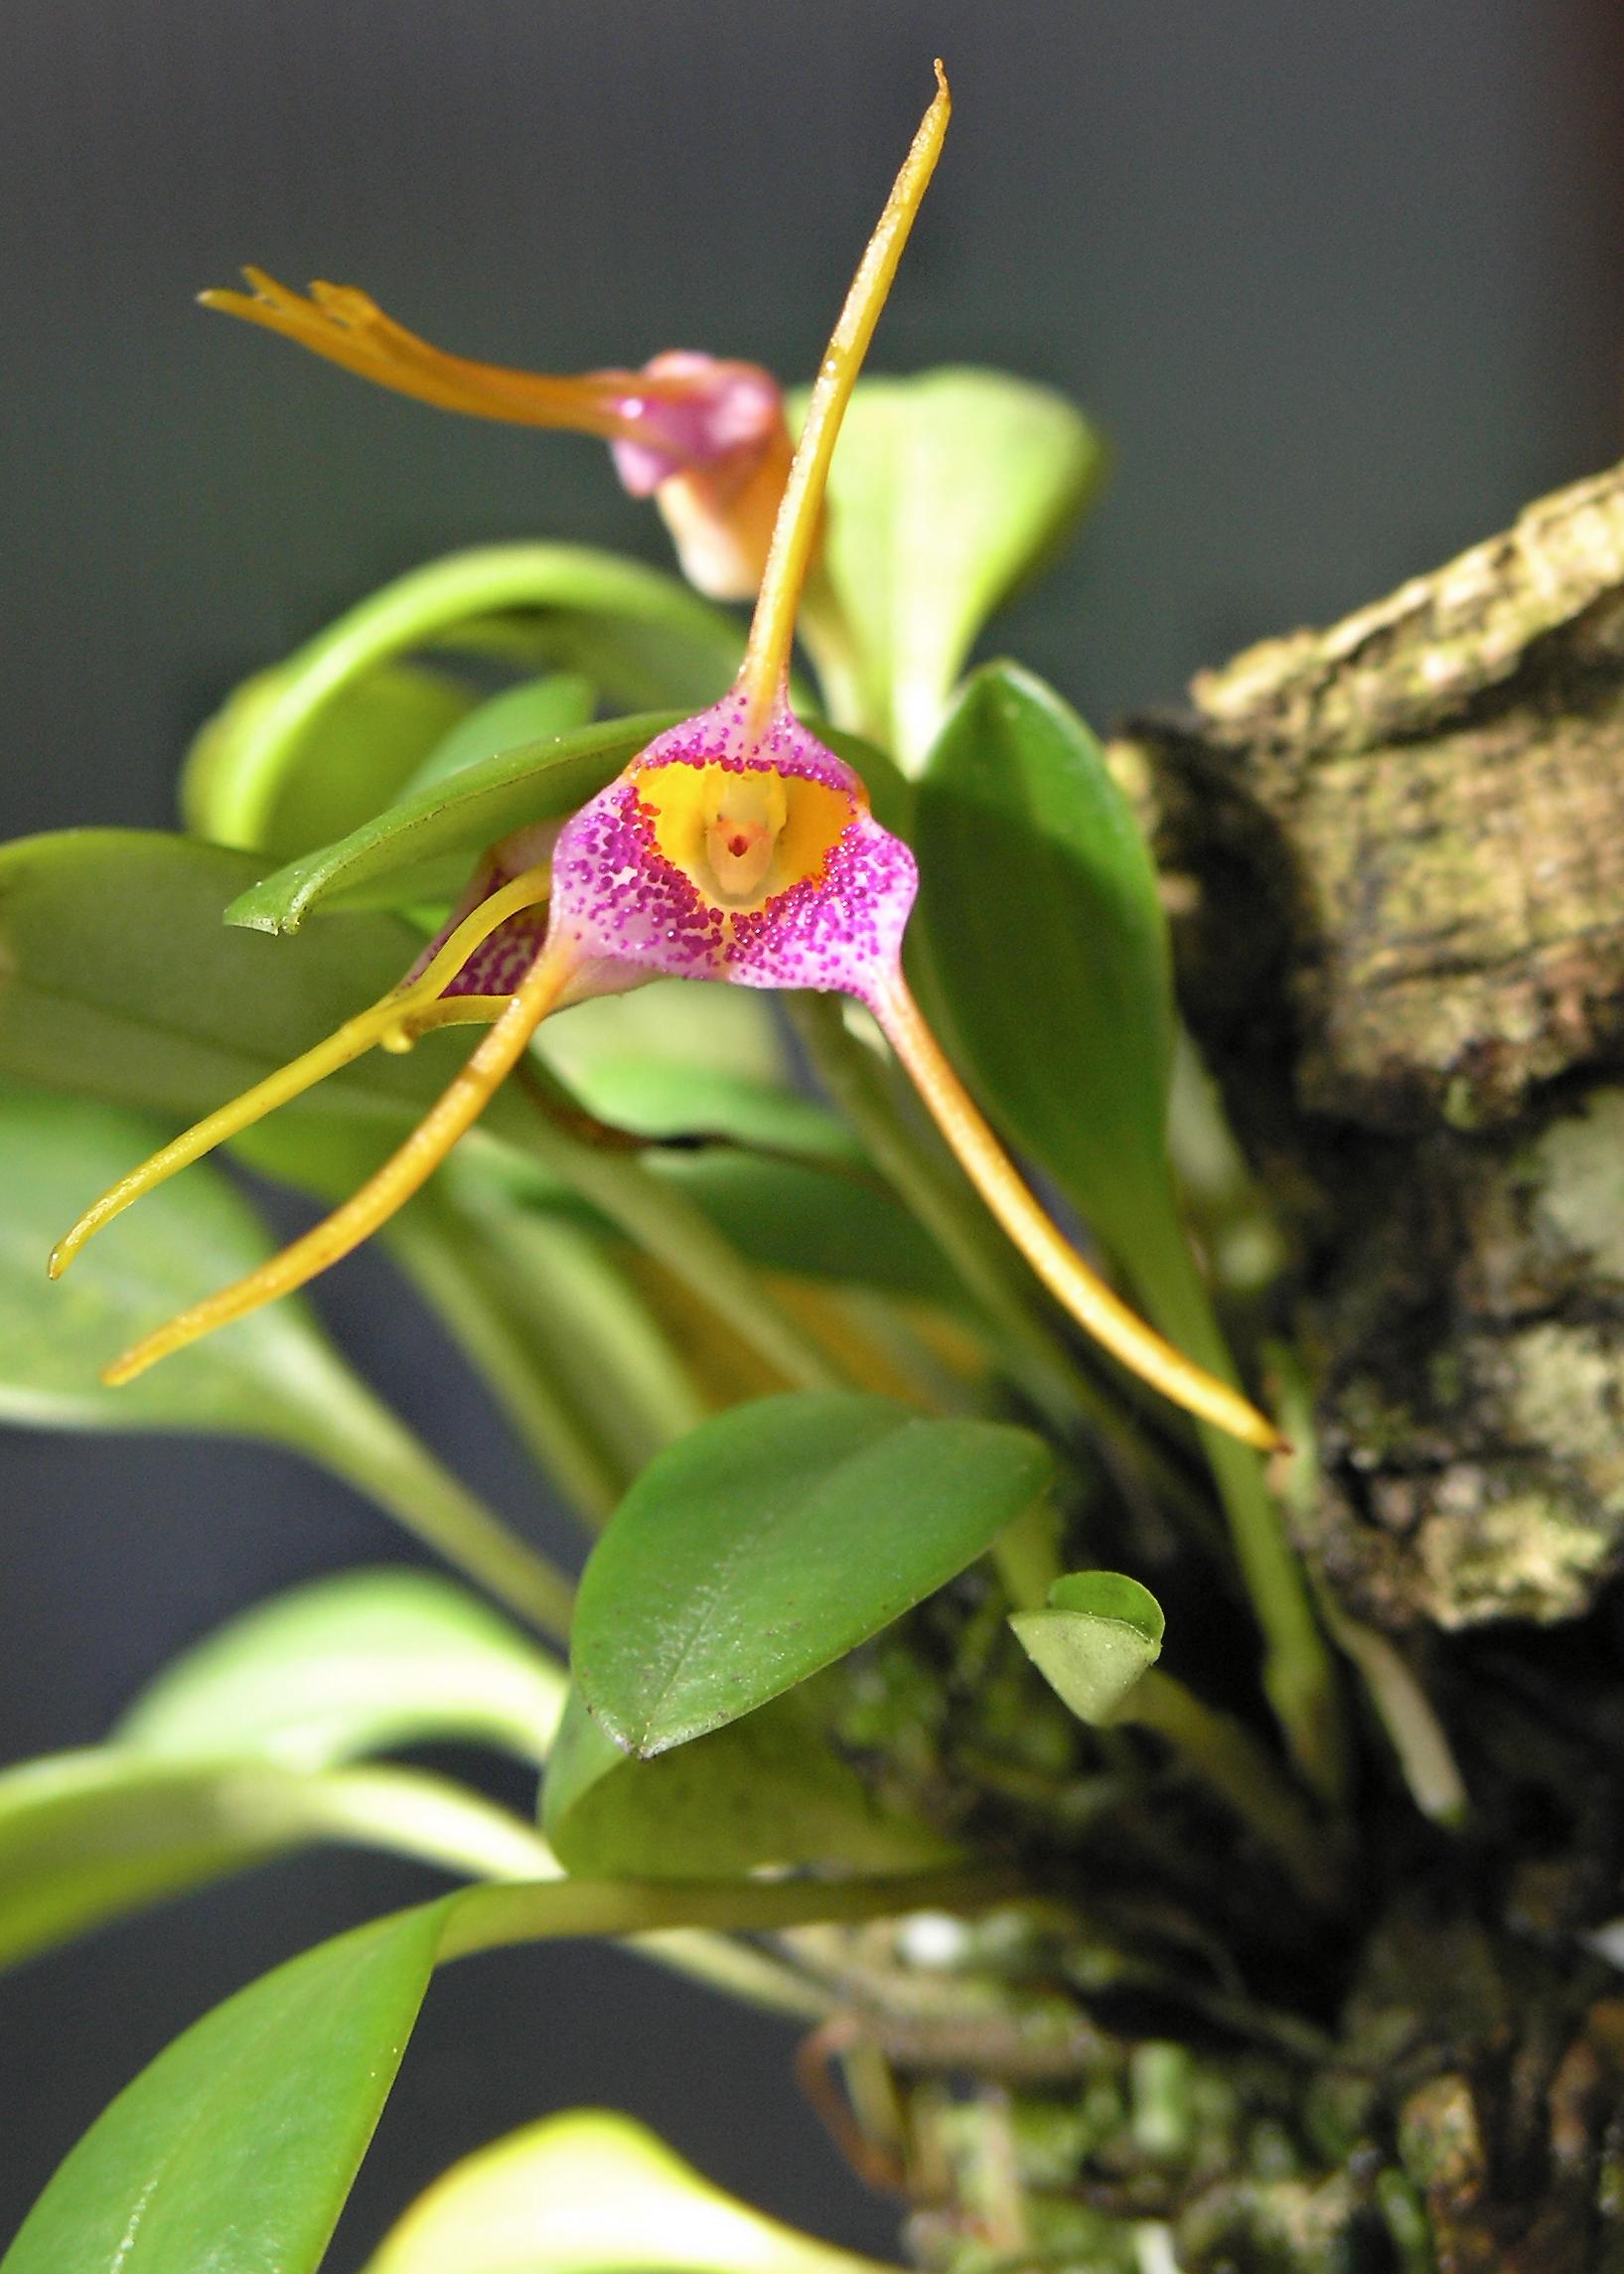 http://images2.wikia.nocookie.net/__cb20071209002352/orchids/en/images/1/1a/Masdevallia_confetti.jpeg